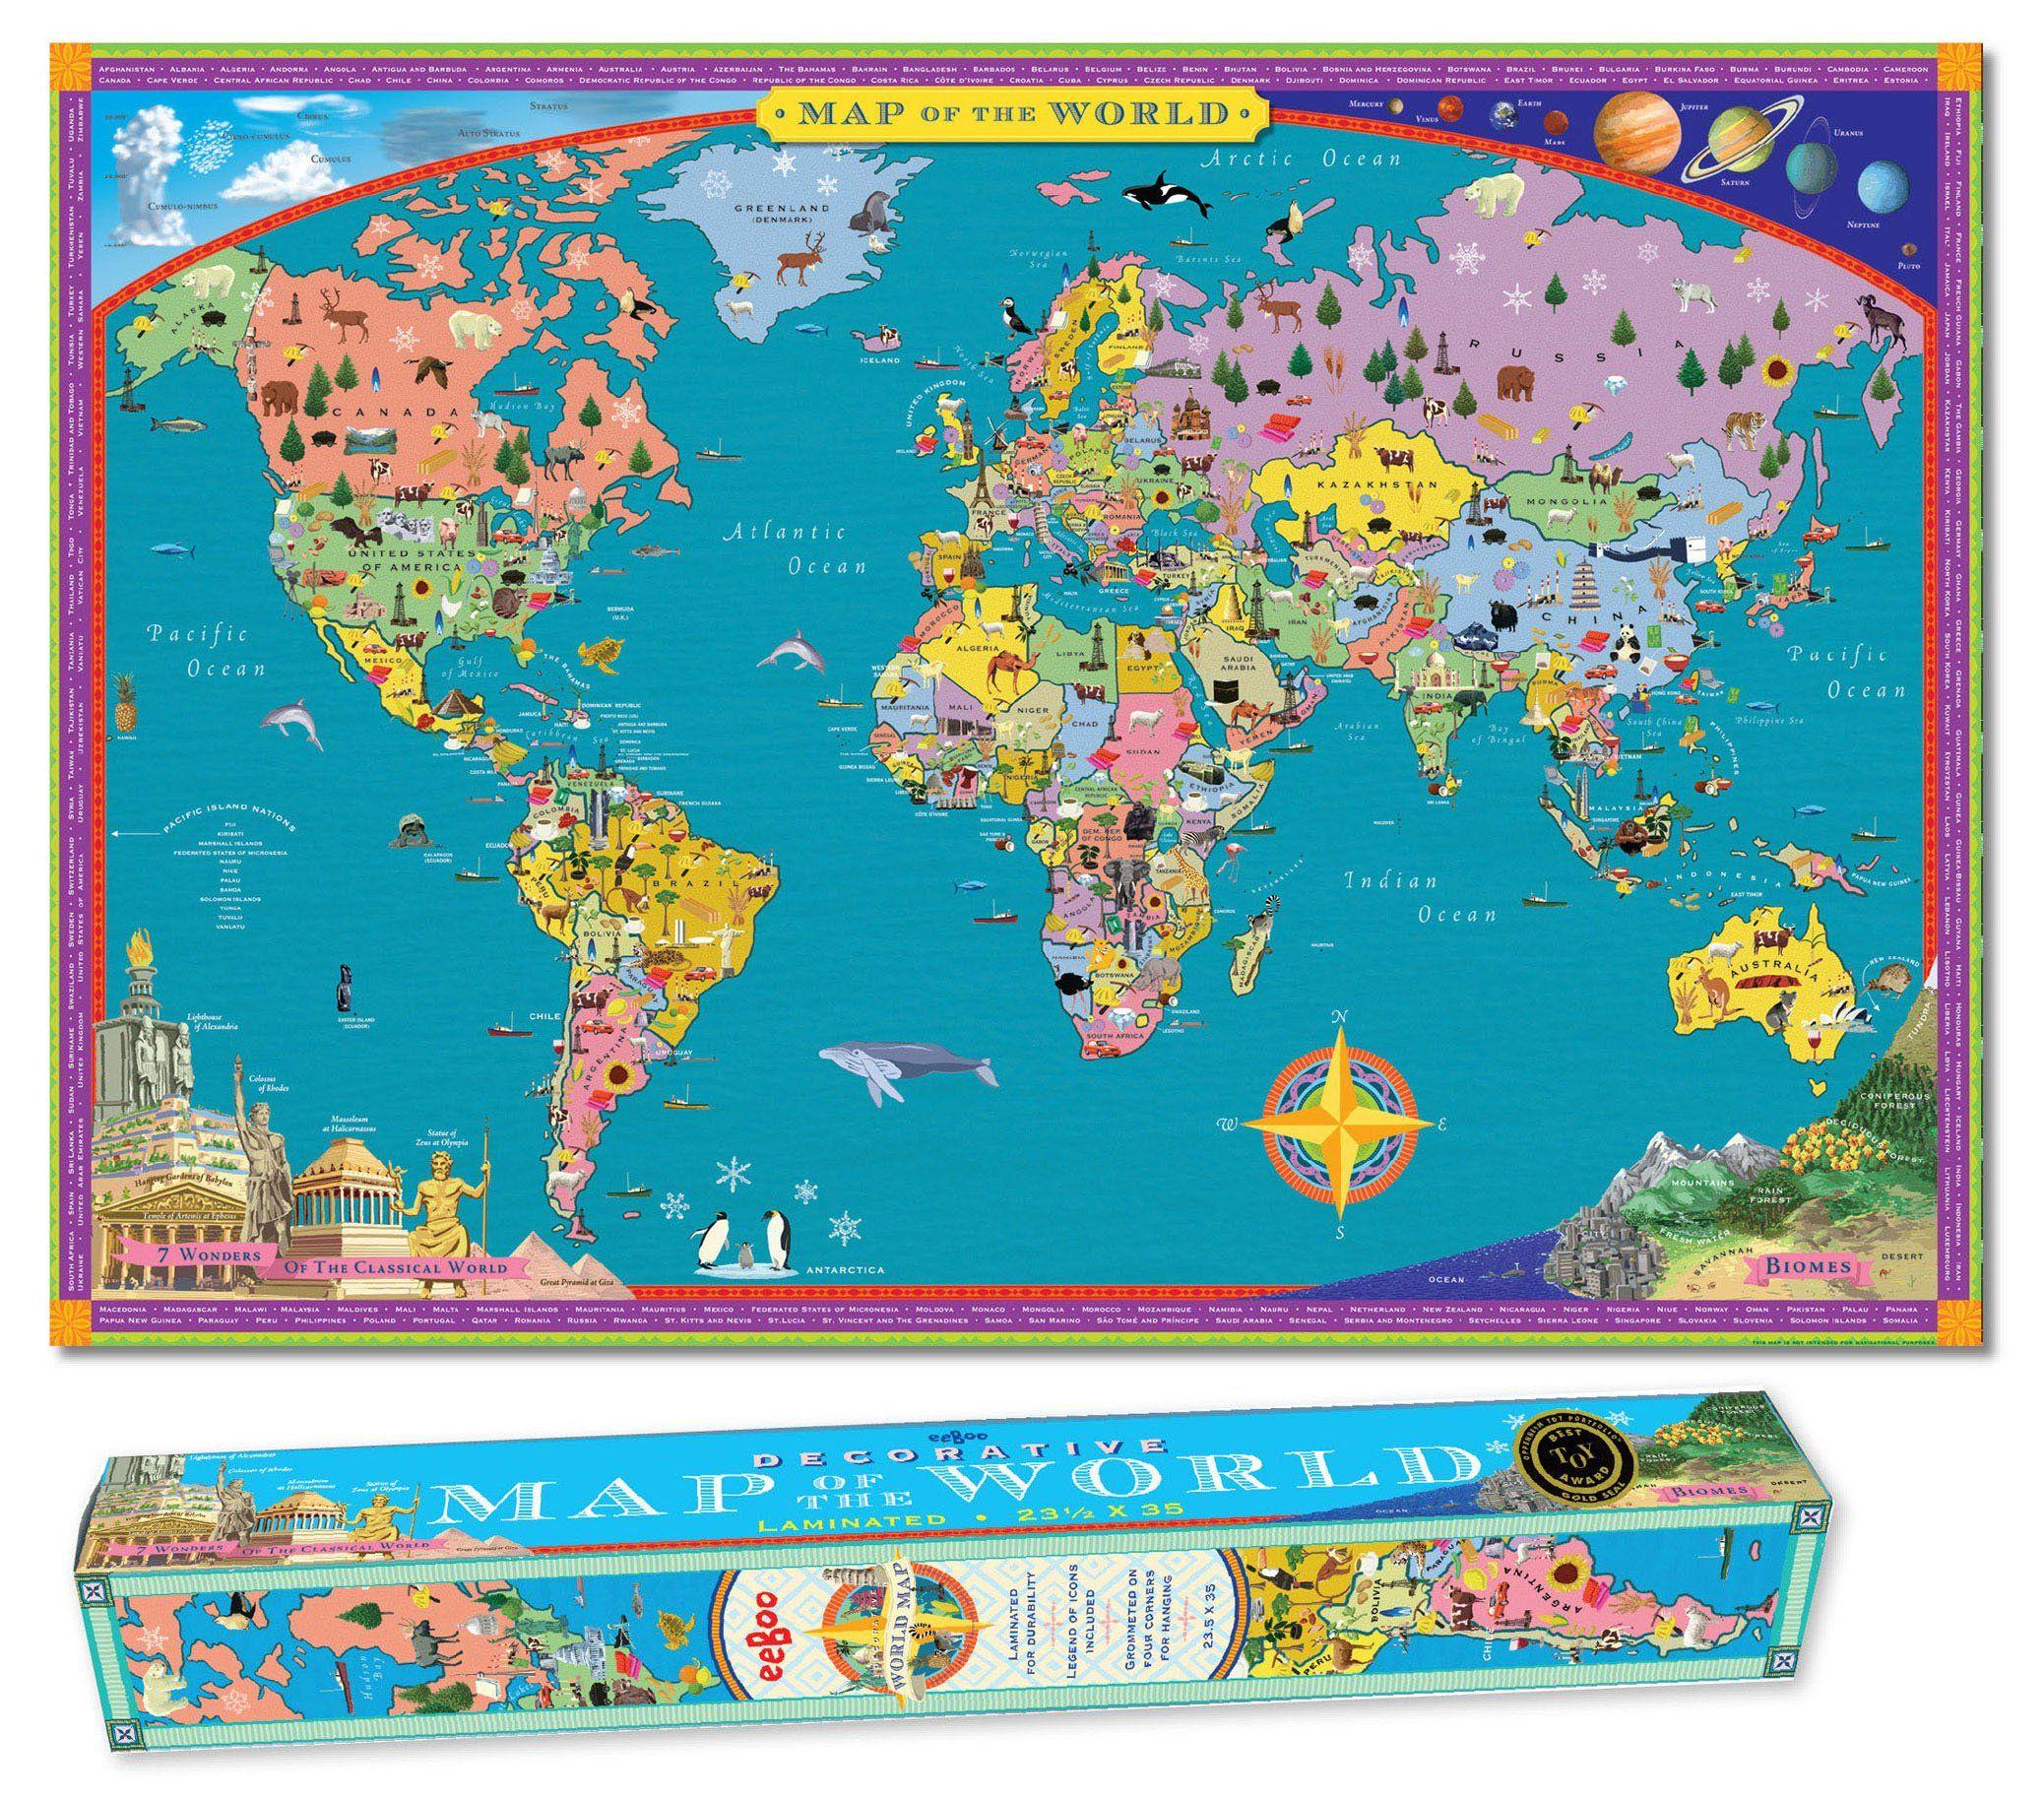 Amazoncom World MAP Kids Geography Educational Wall Hanging - World wall map kids